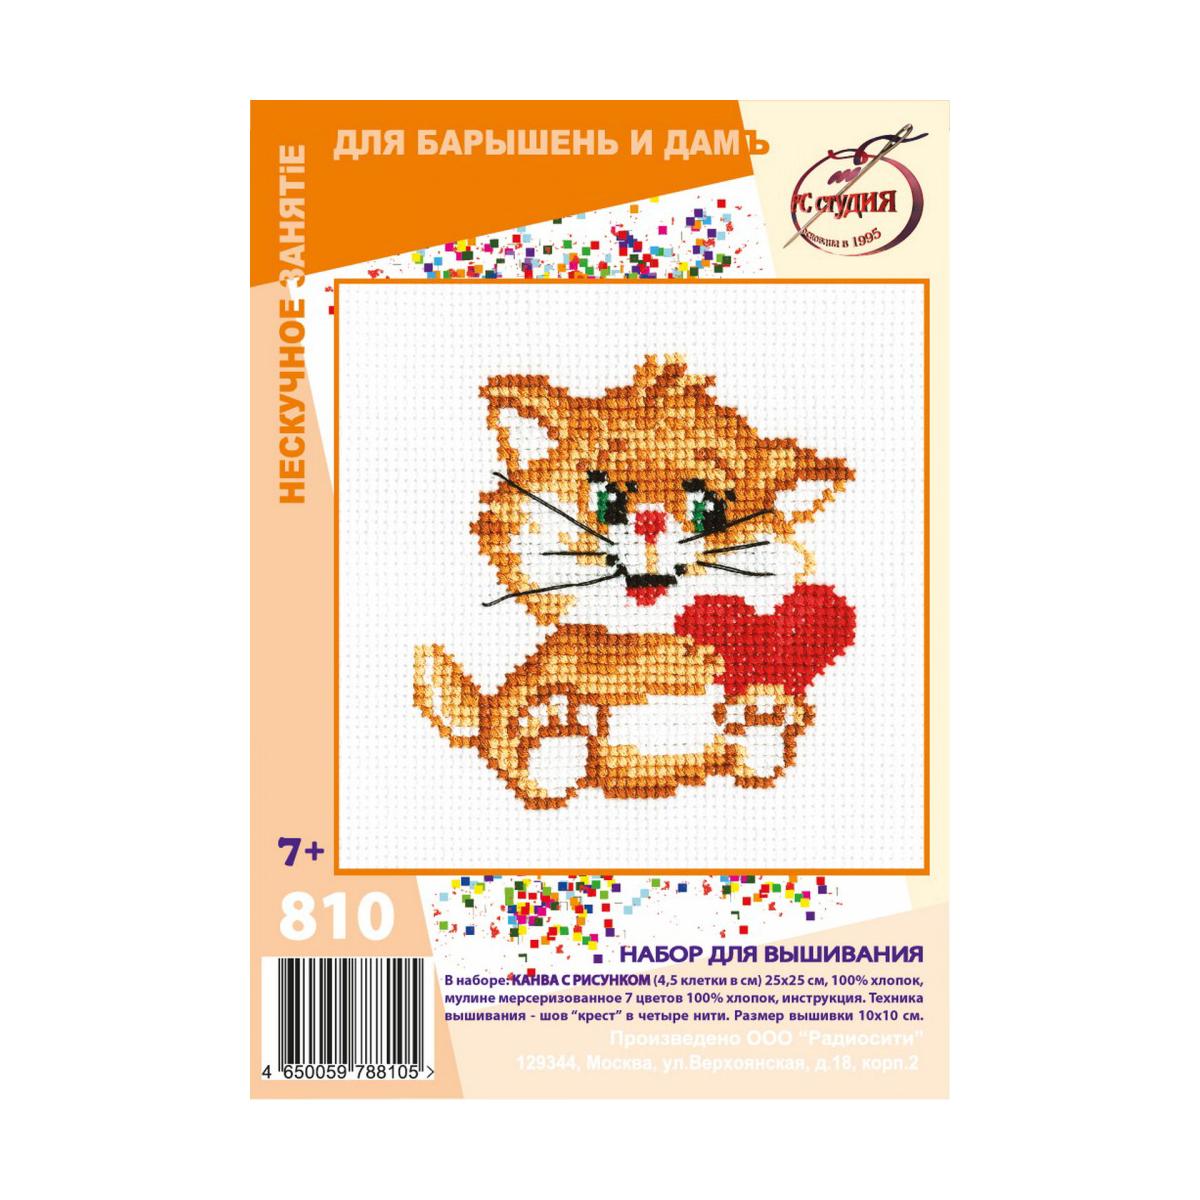 Набор для вышивания РС-Студия Рыжий котенок, 10 см х 10 см. 810488046